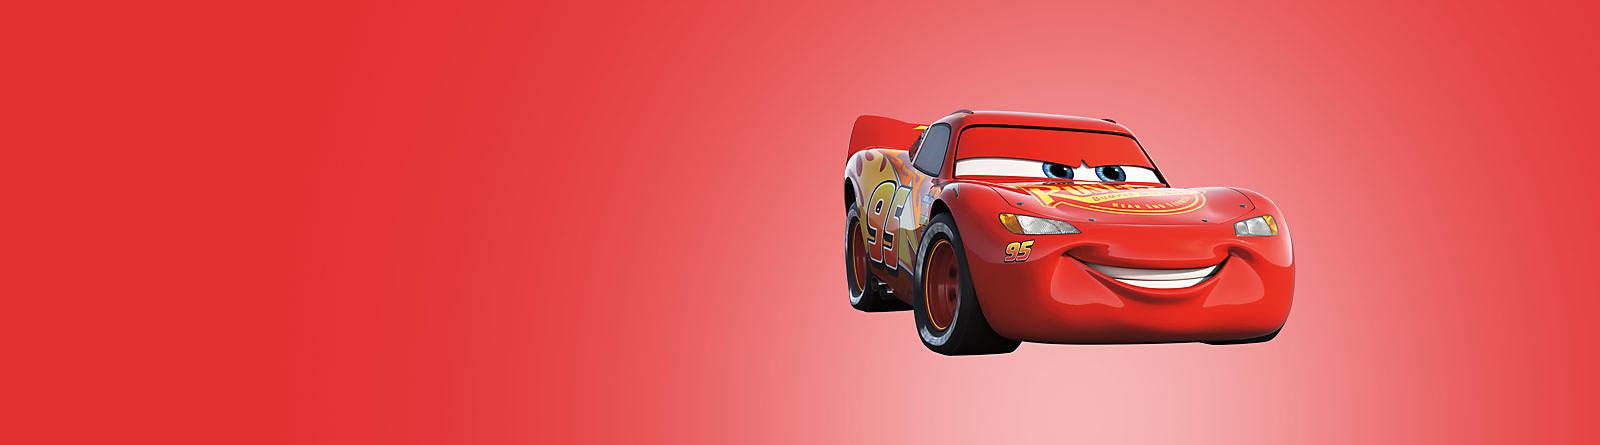 Lightning McQueen Werde blitzschnell mit unseren Lightning McQueen Spielzeugen, Spielen, Figuren und mehr von Disney Pixar Cars - perfekte Geschenke für Fans.